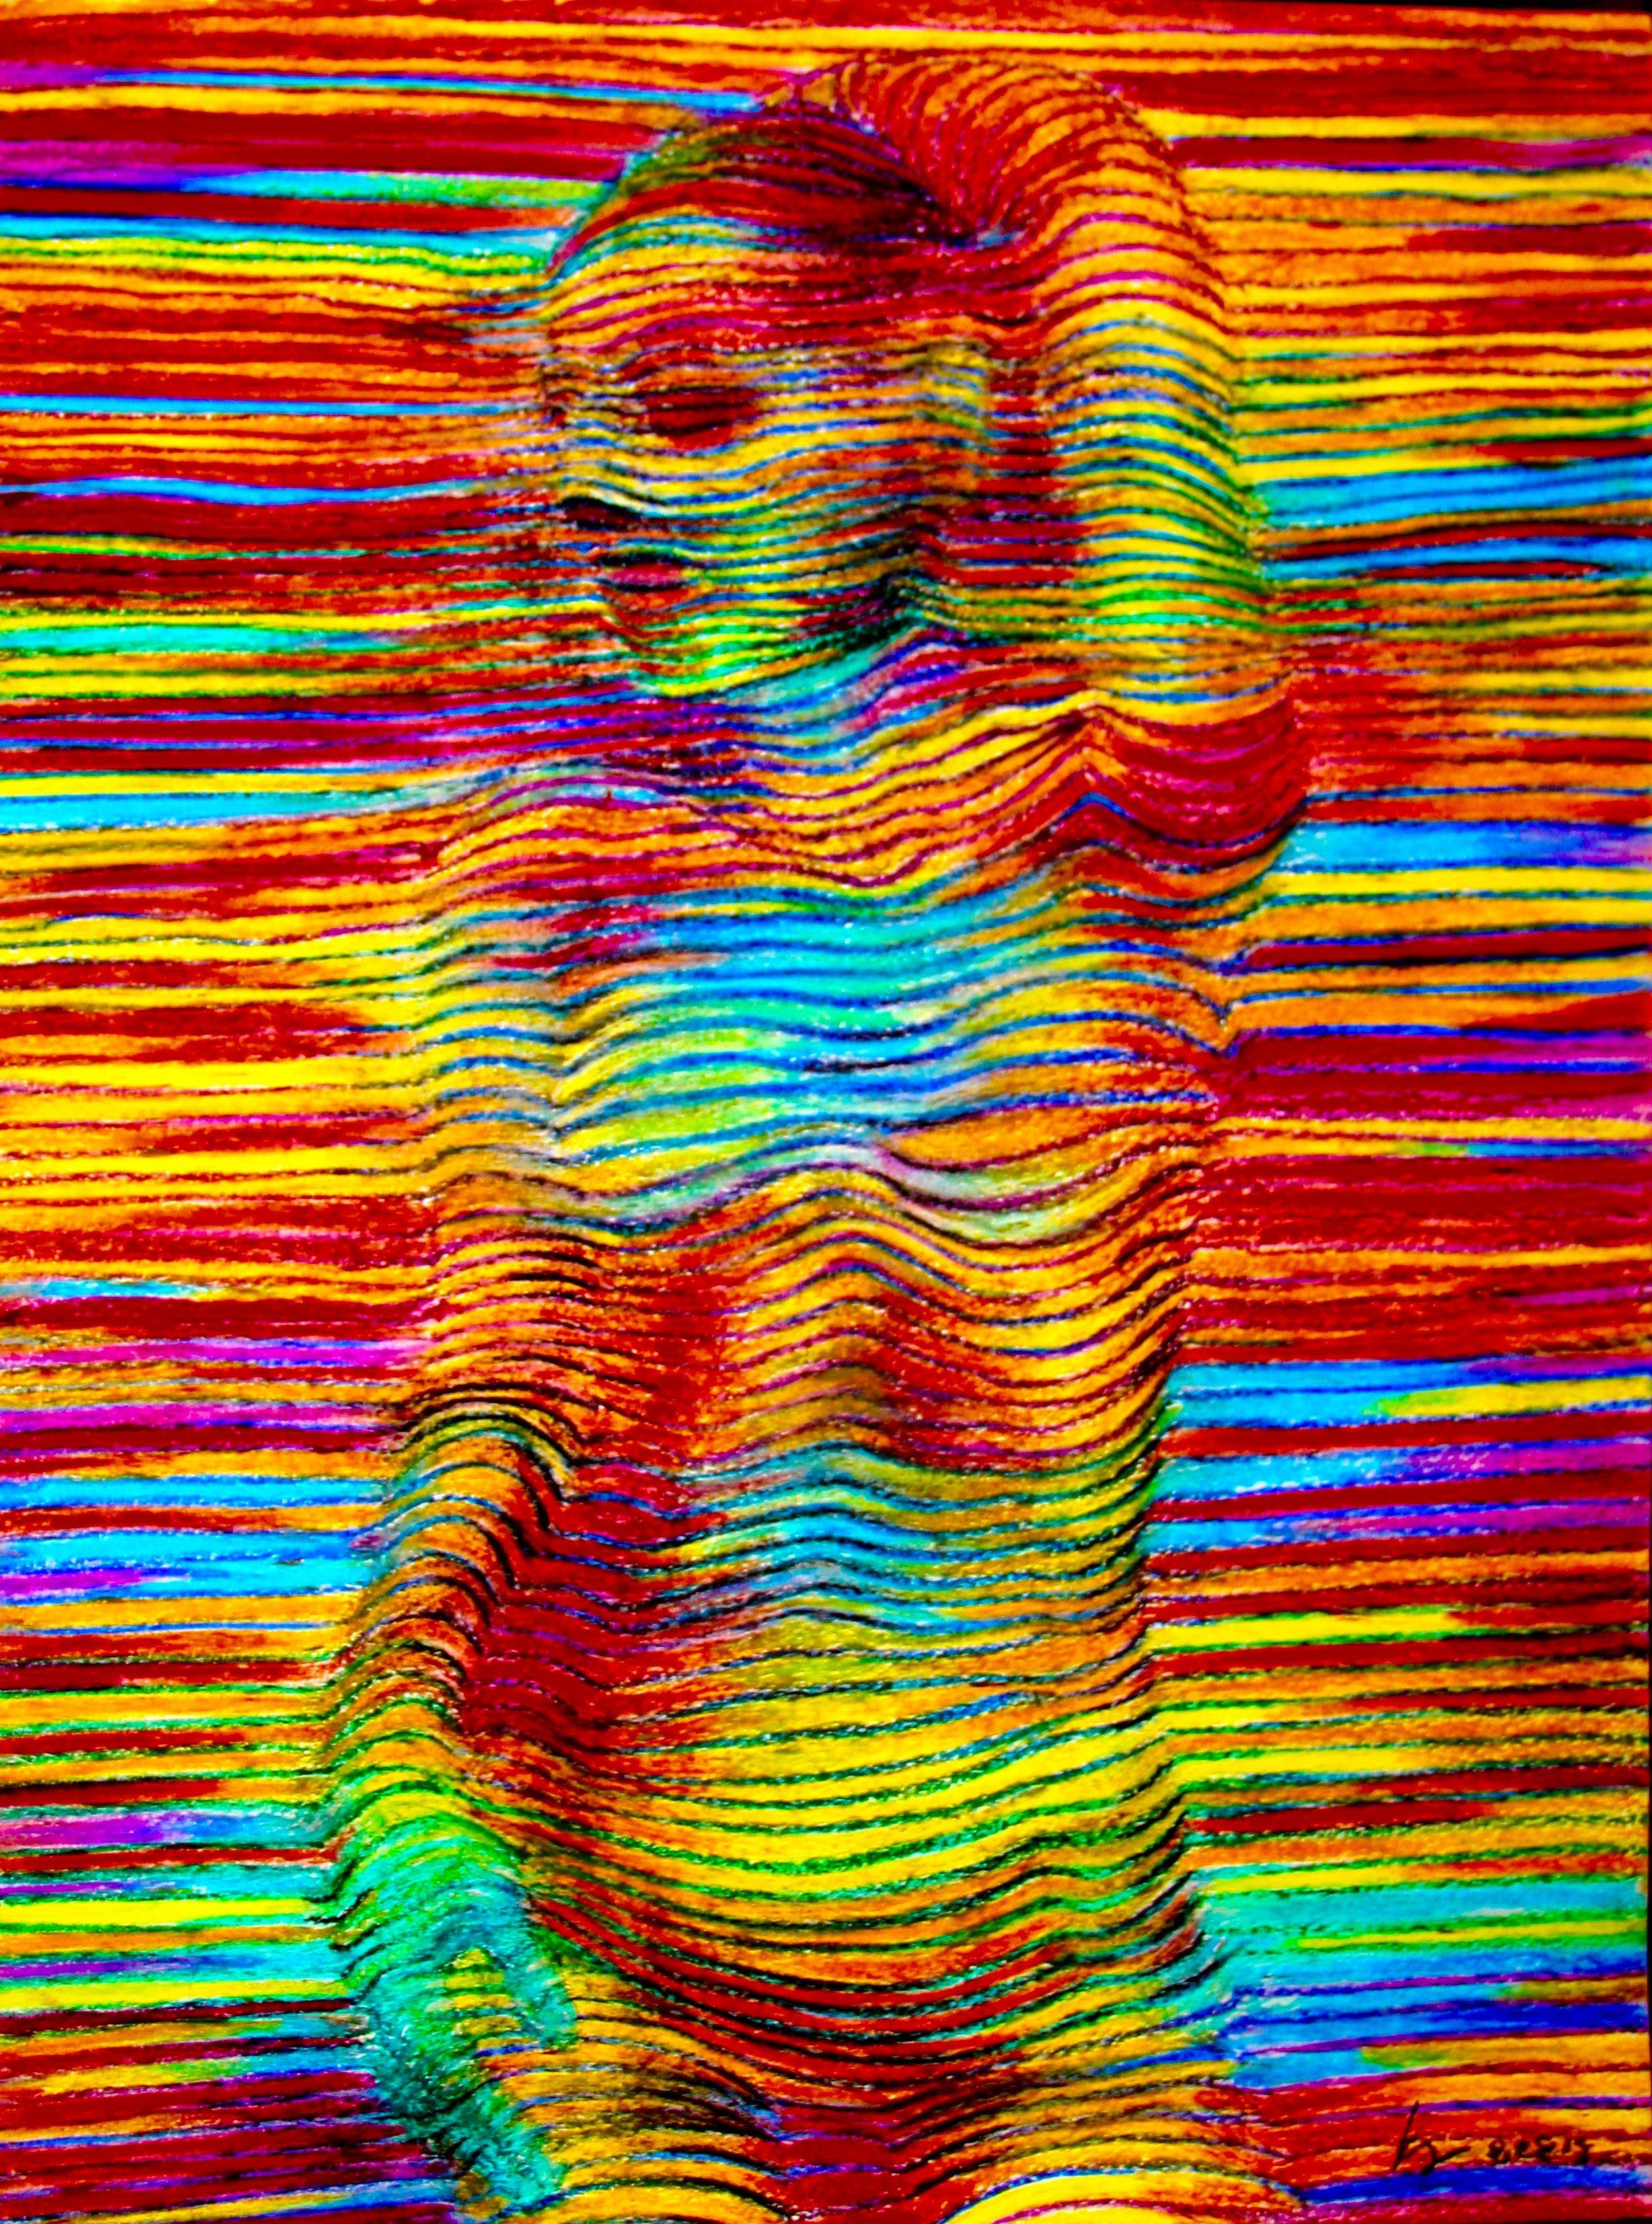 Linear Figure 2014, oil pastels